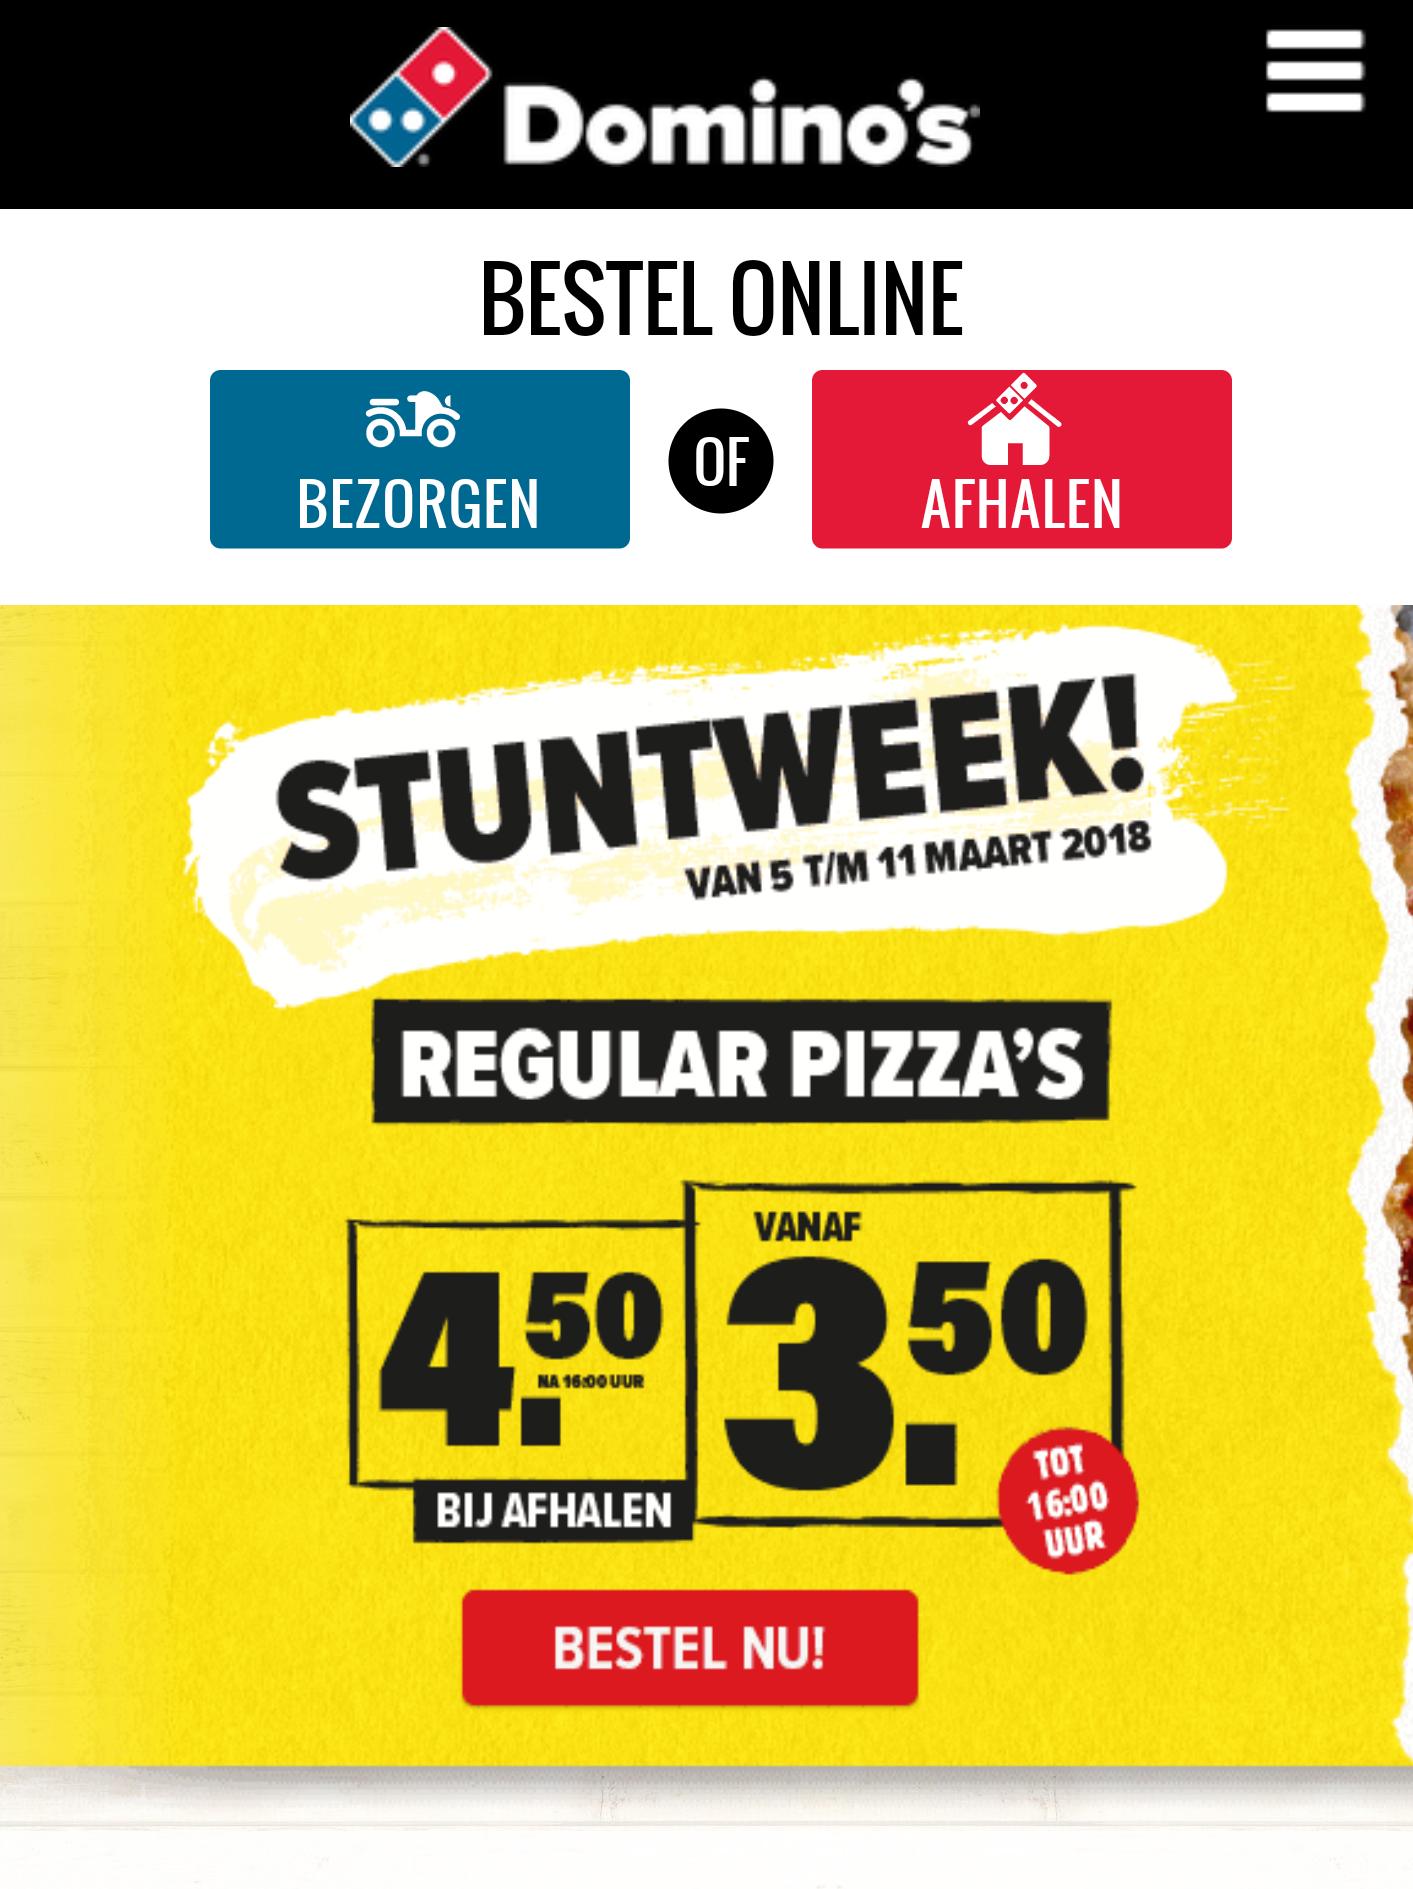 [GRENSDEAL BELGIË] Domino's regular pizza